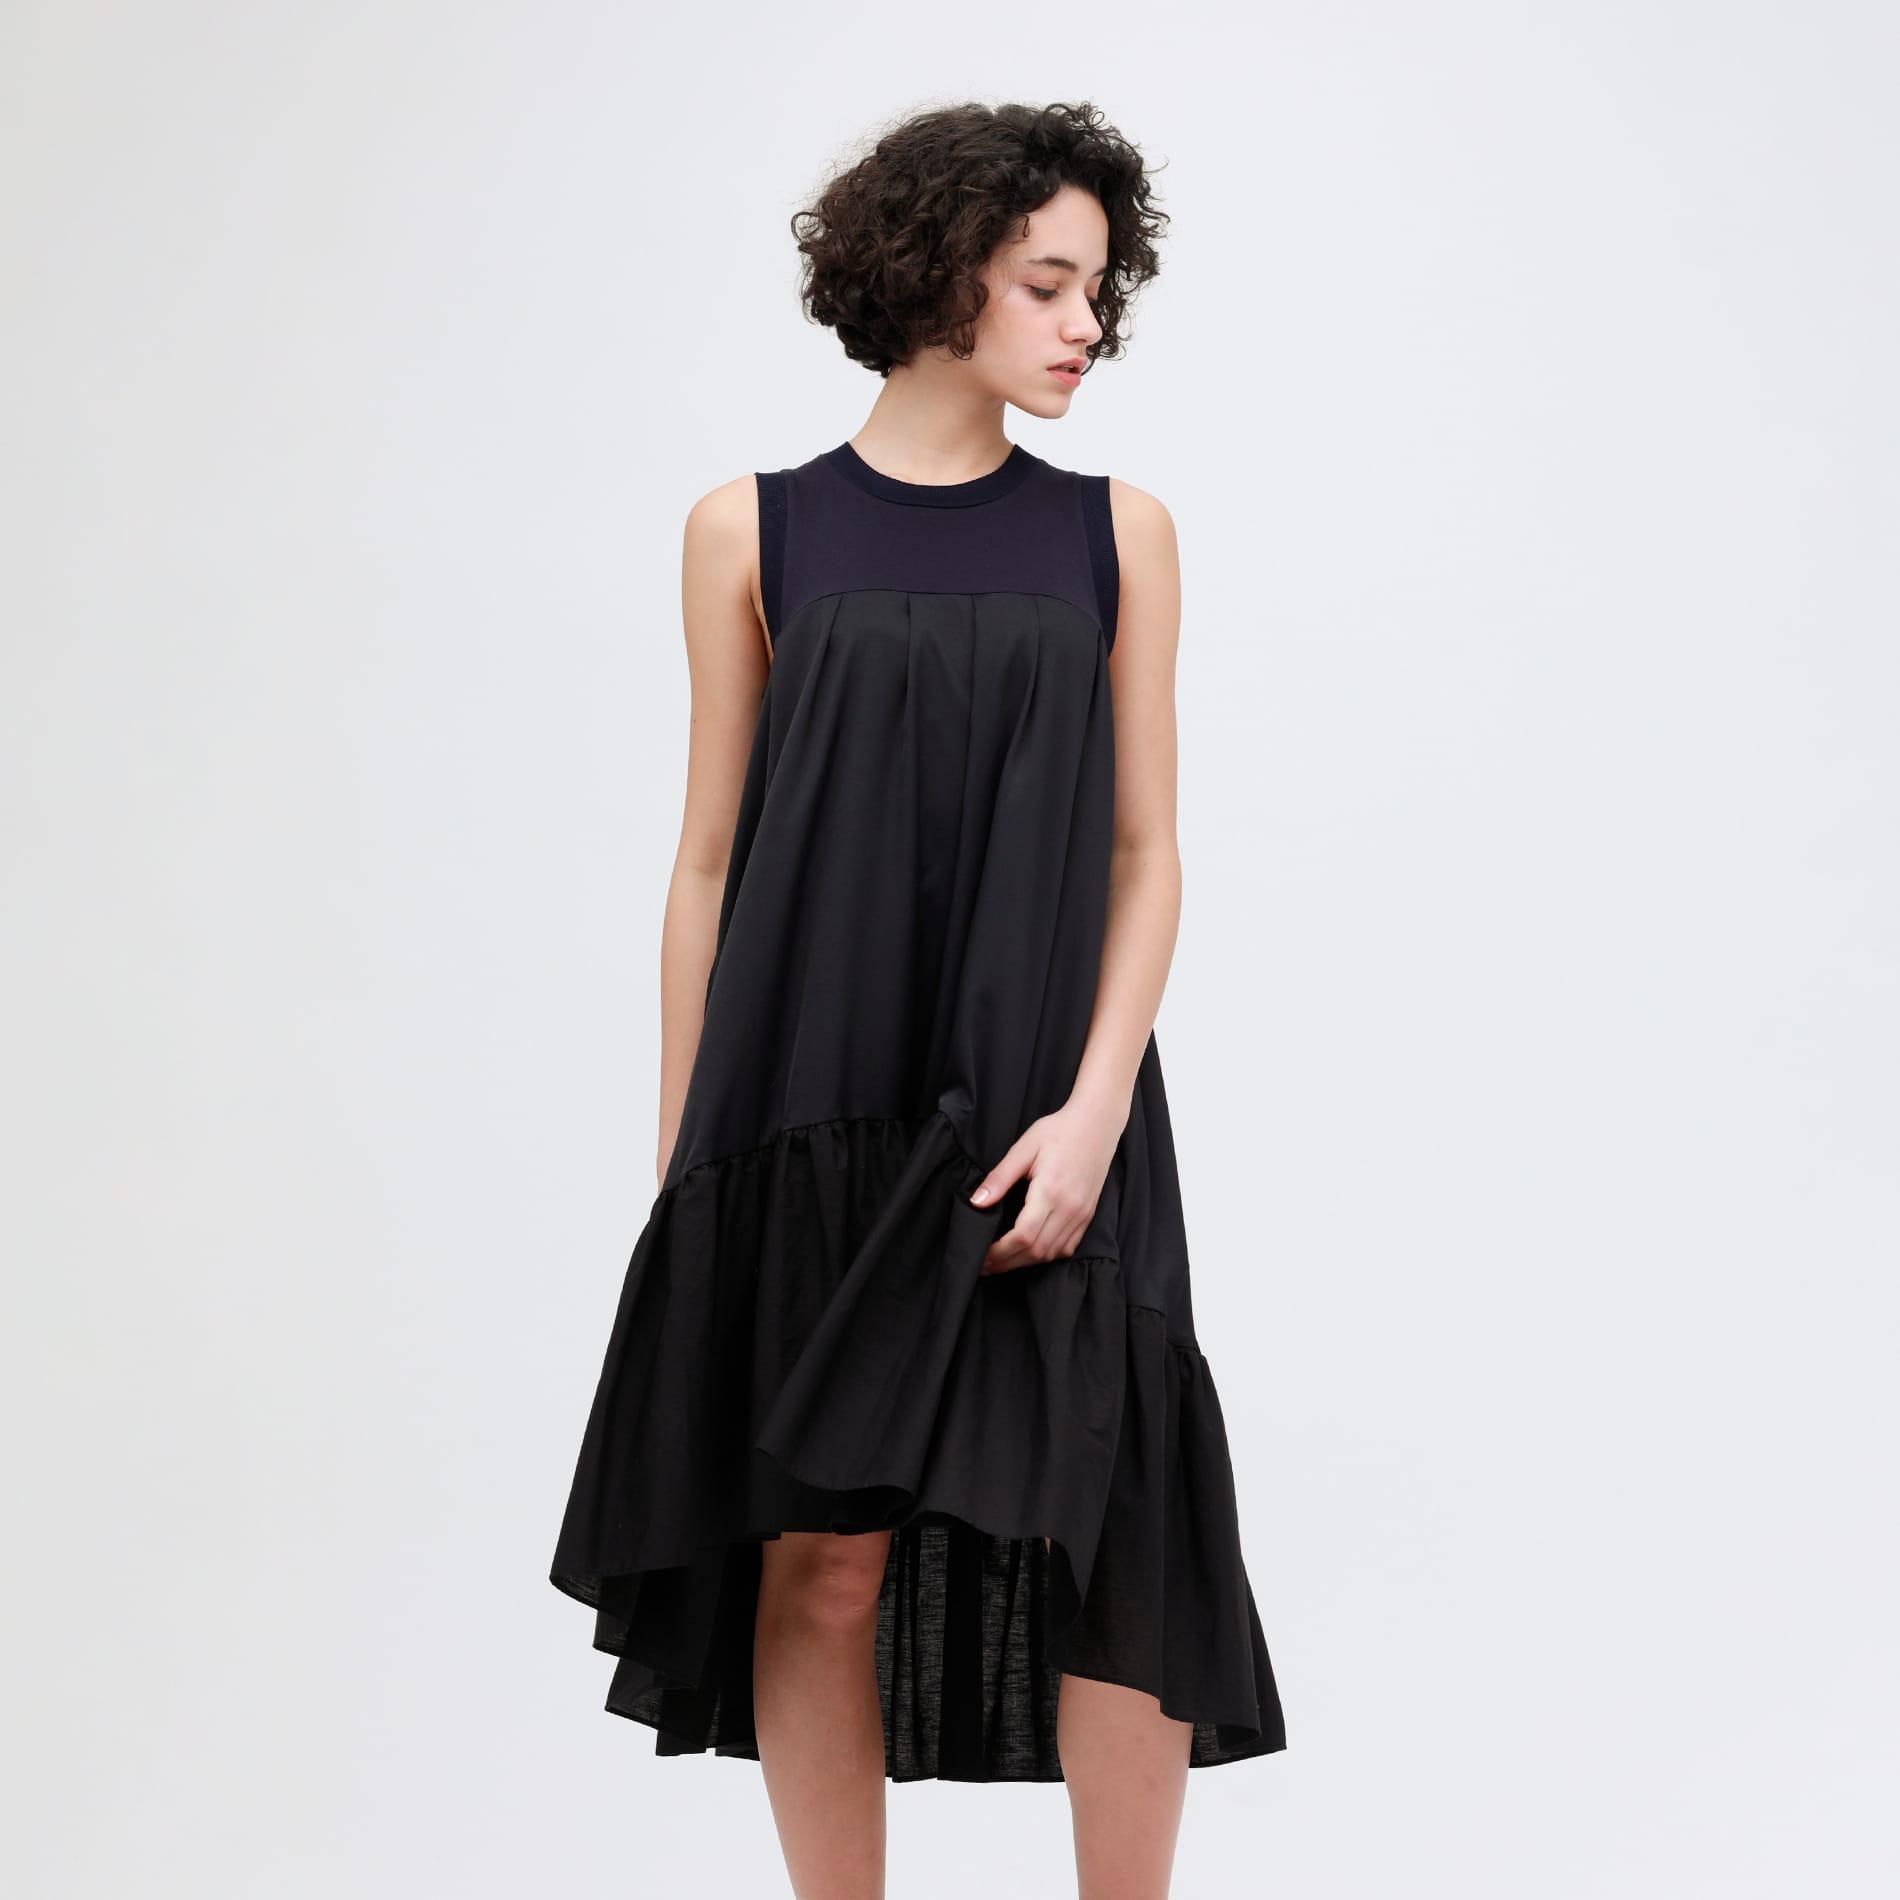 【AVIE】WOMEN 別注 Volume dress 4200-010601